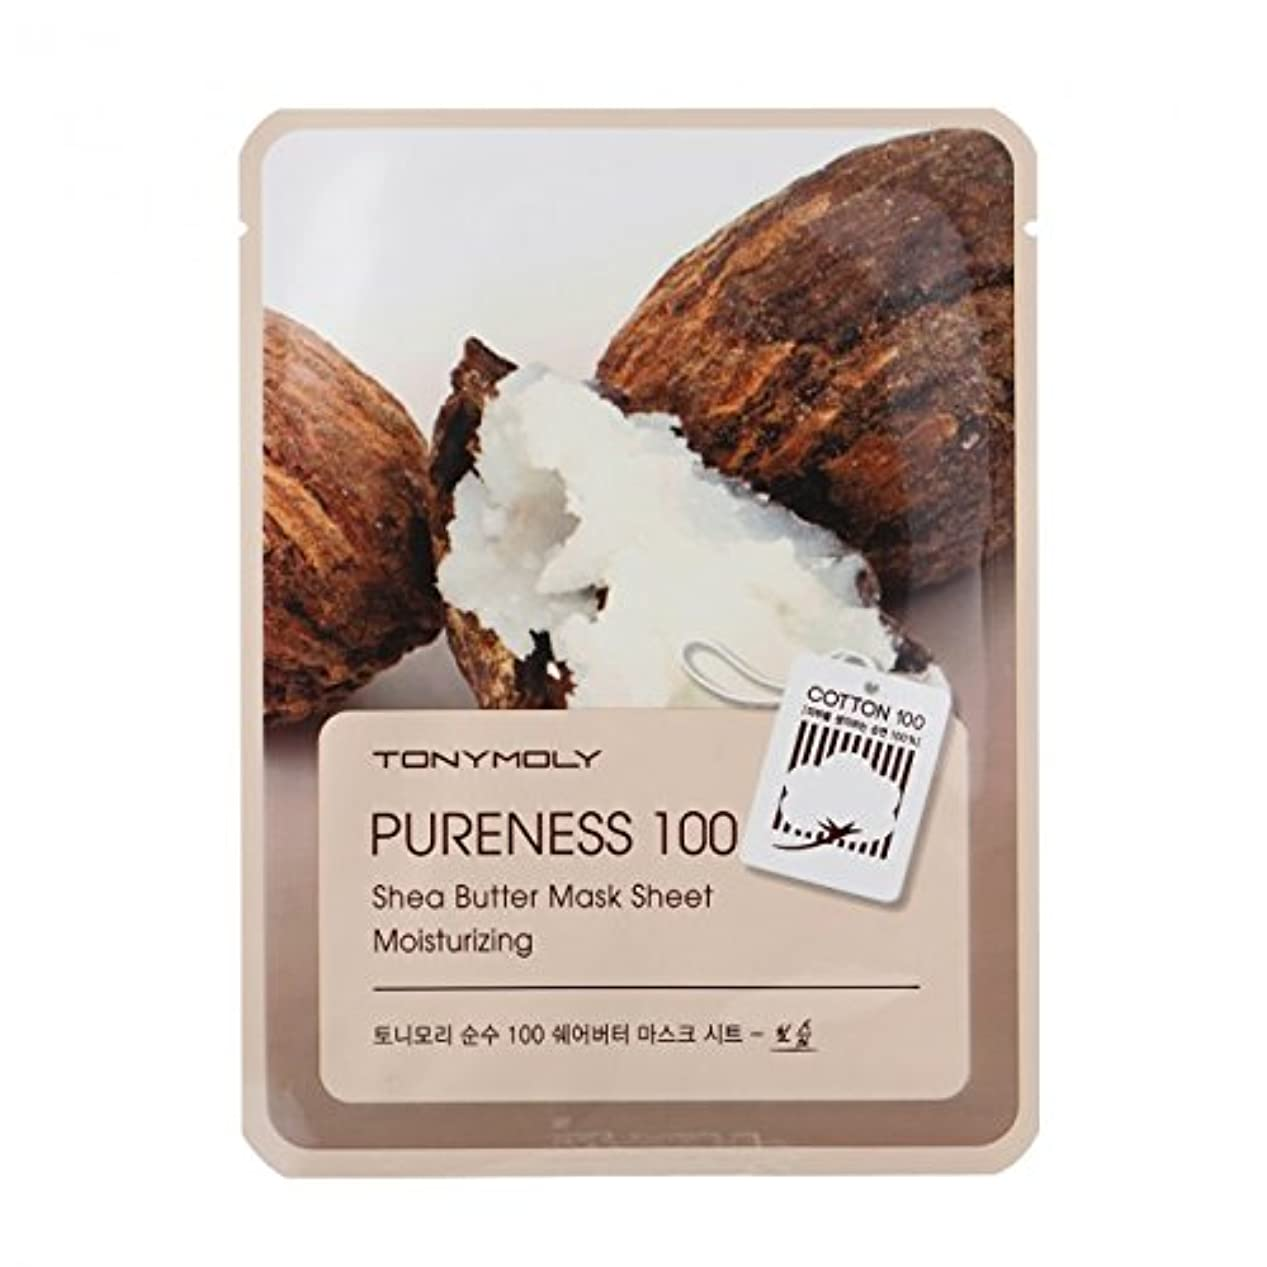 息苦しい傾くリンス(3 Pack) TONYMOLY Pureness 100 Shea Butter Mask Sheet Moisturizing (並行輸入品)